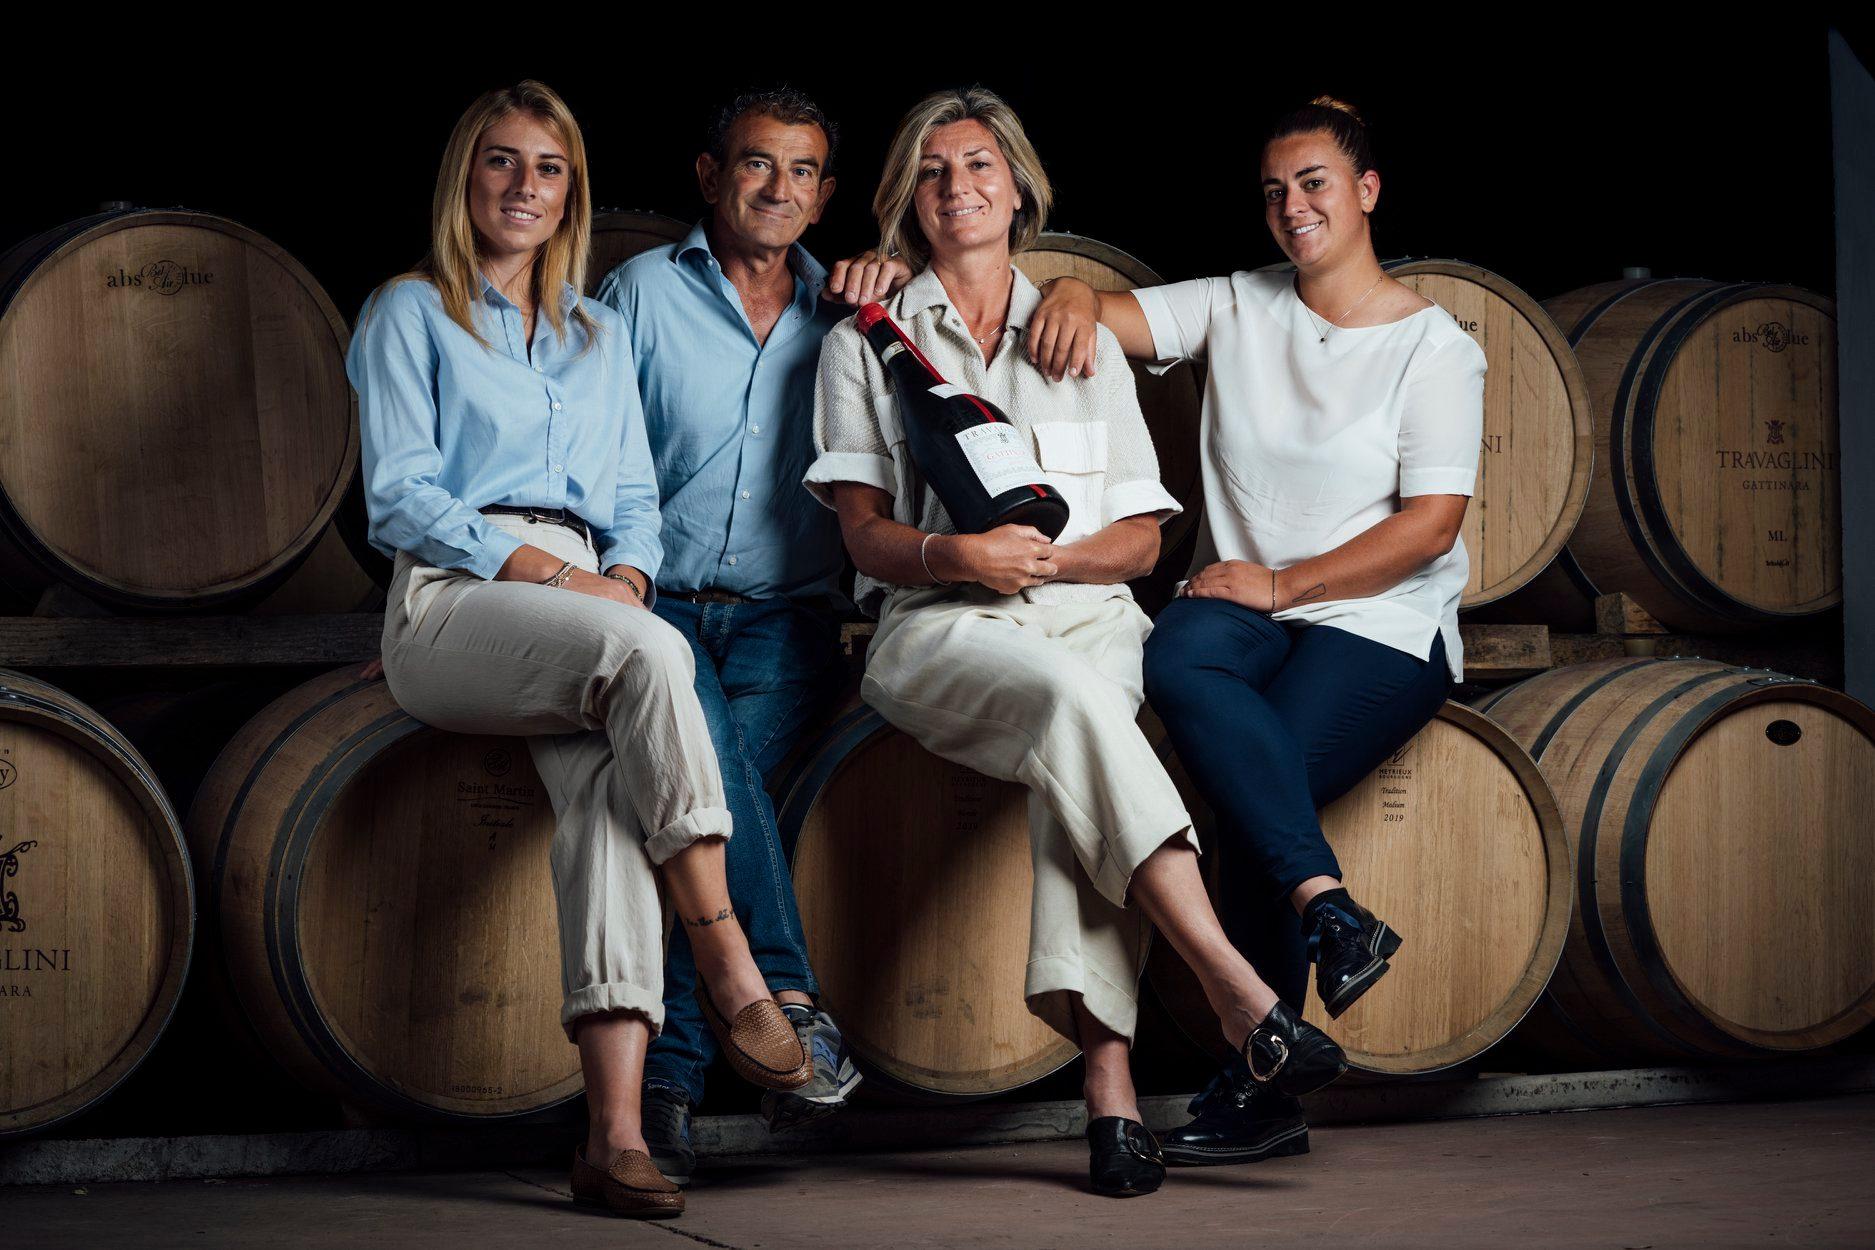 Famiglia Travaglini Gattinara Vino Piedmont Delights